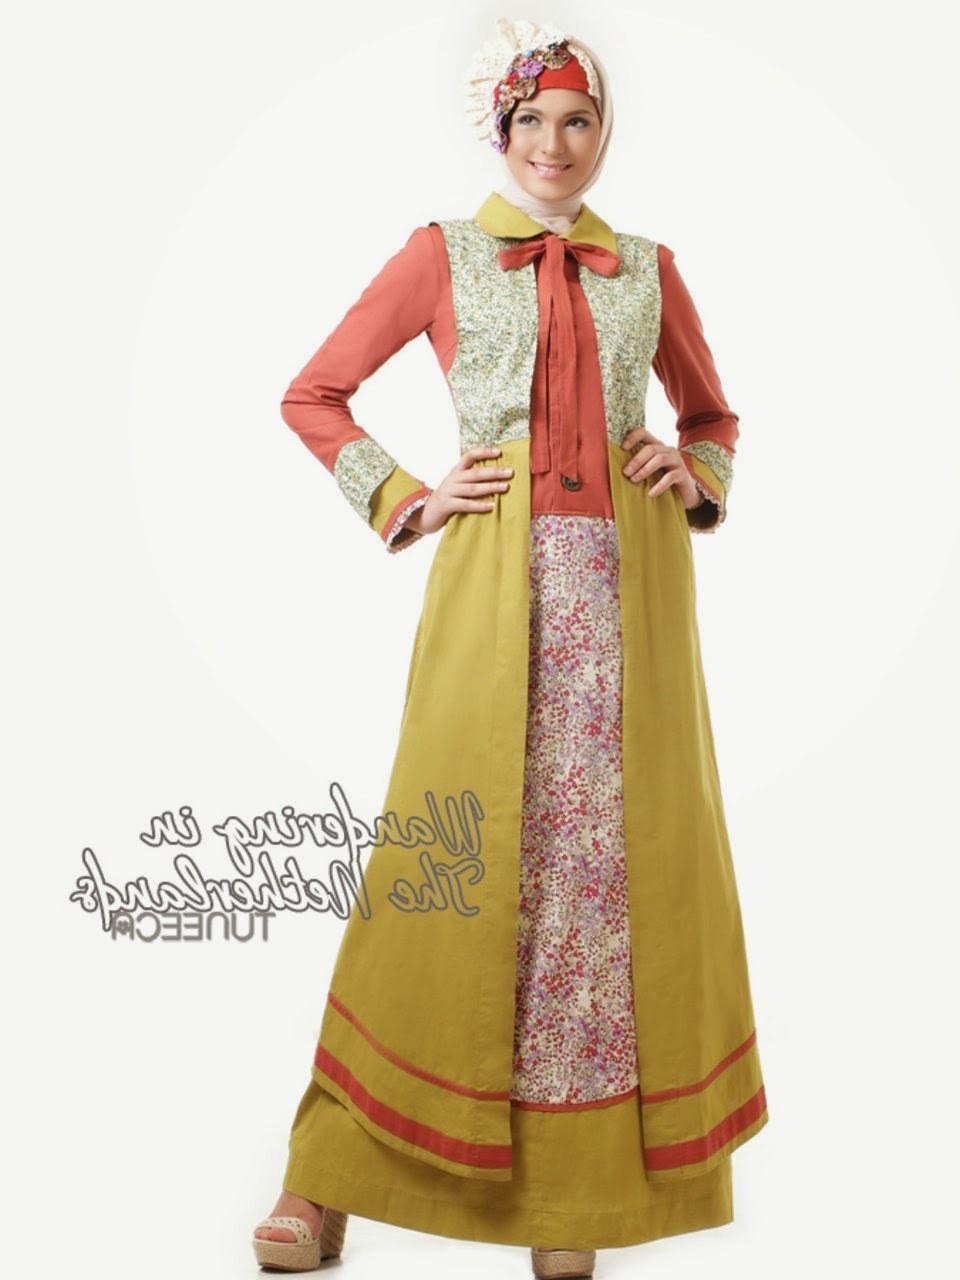 Bentuk Baju Lebaran Untuk Ibu Wddj 12 Contoh Model Gamis Muslim Lebaran Terbaru Kumpulan